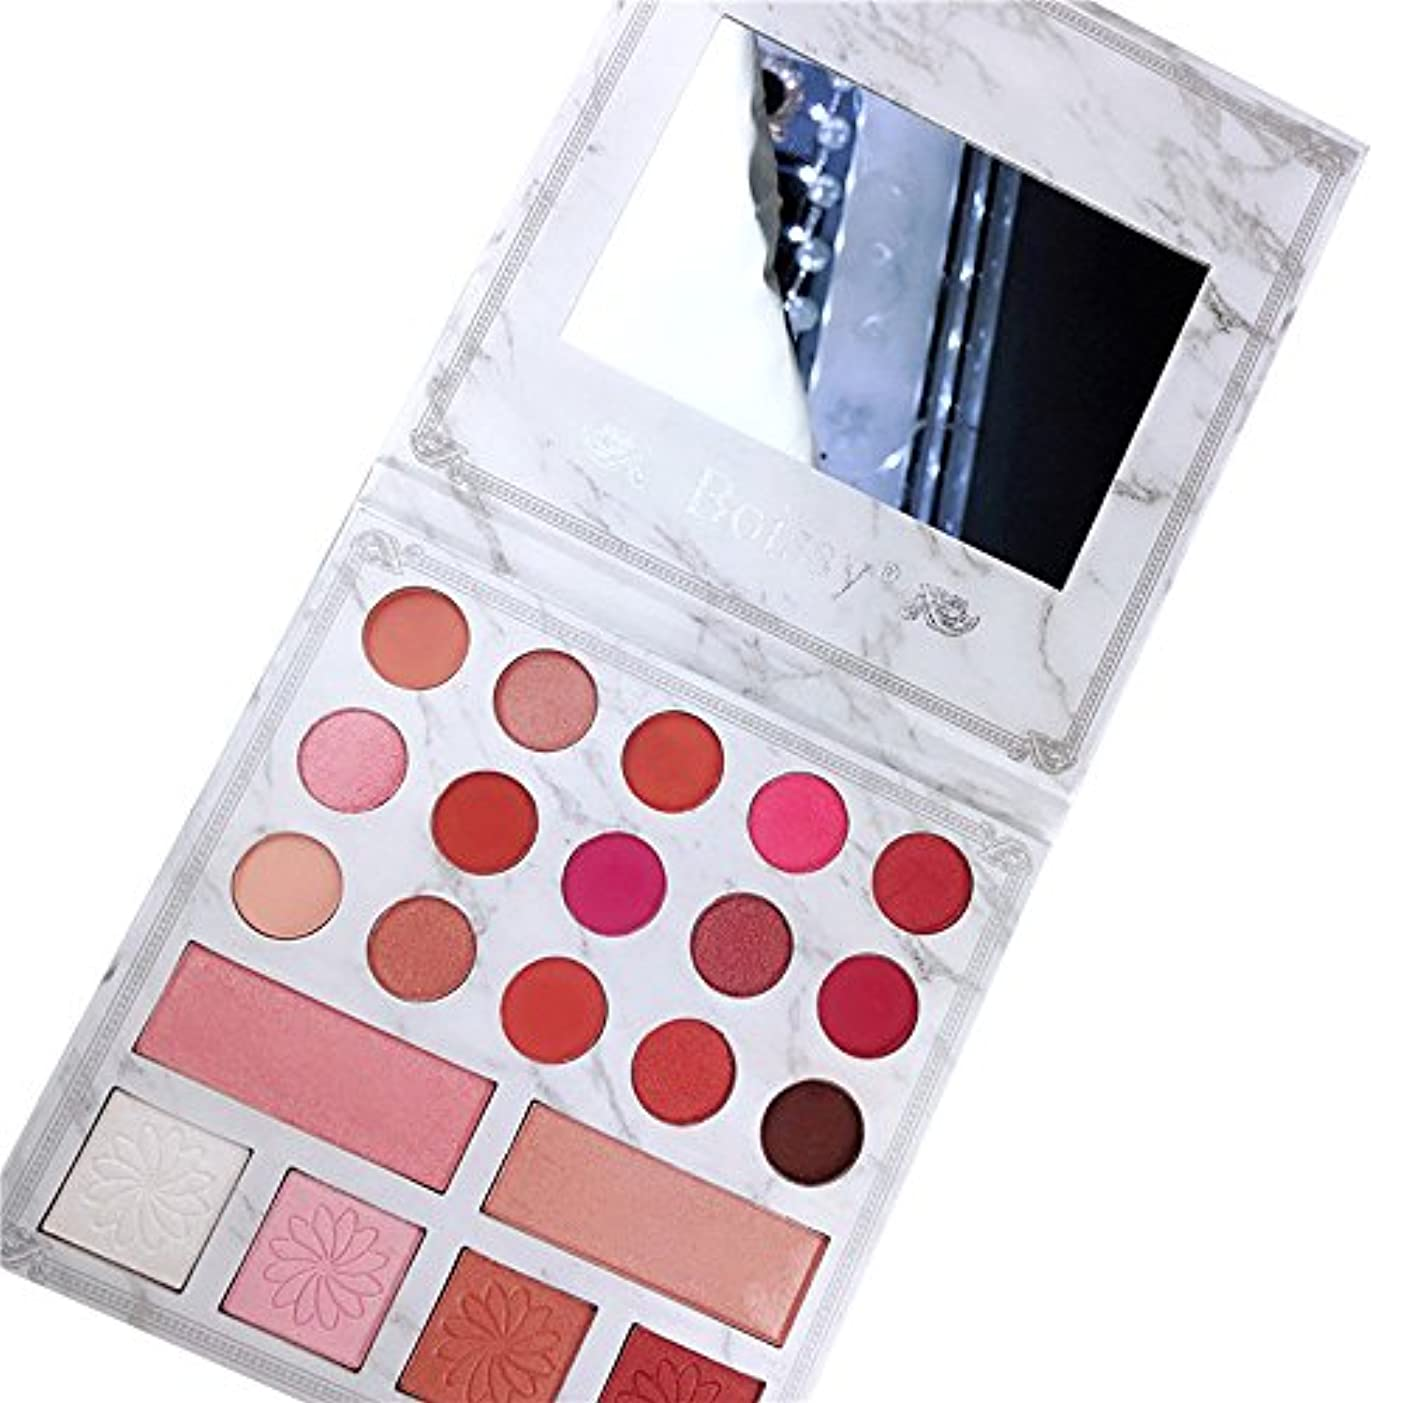 インポート腹部哲学21色シマーマットアイシャドウアイシャドウパレットプロ化粧品メイクアップツール